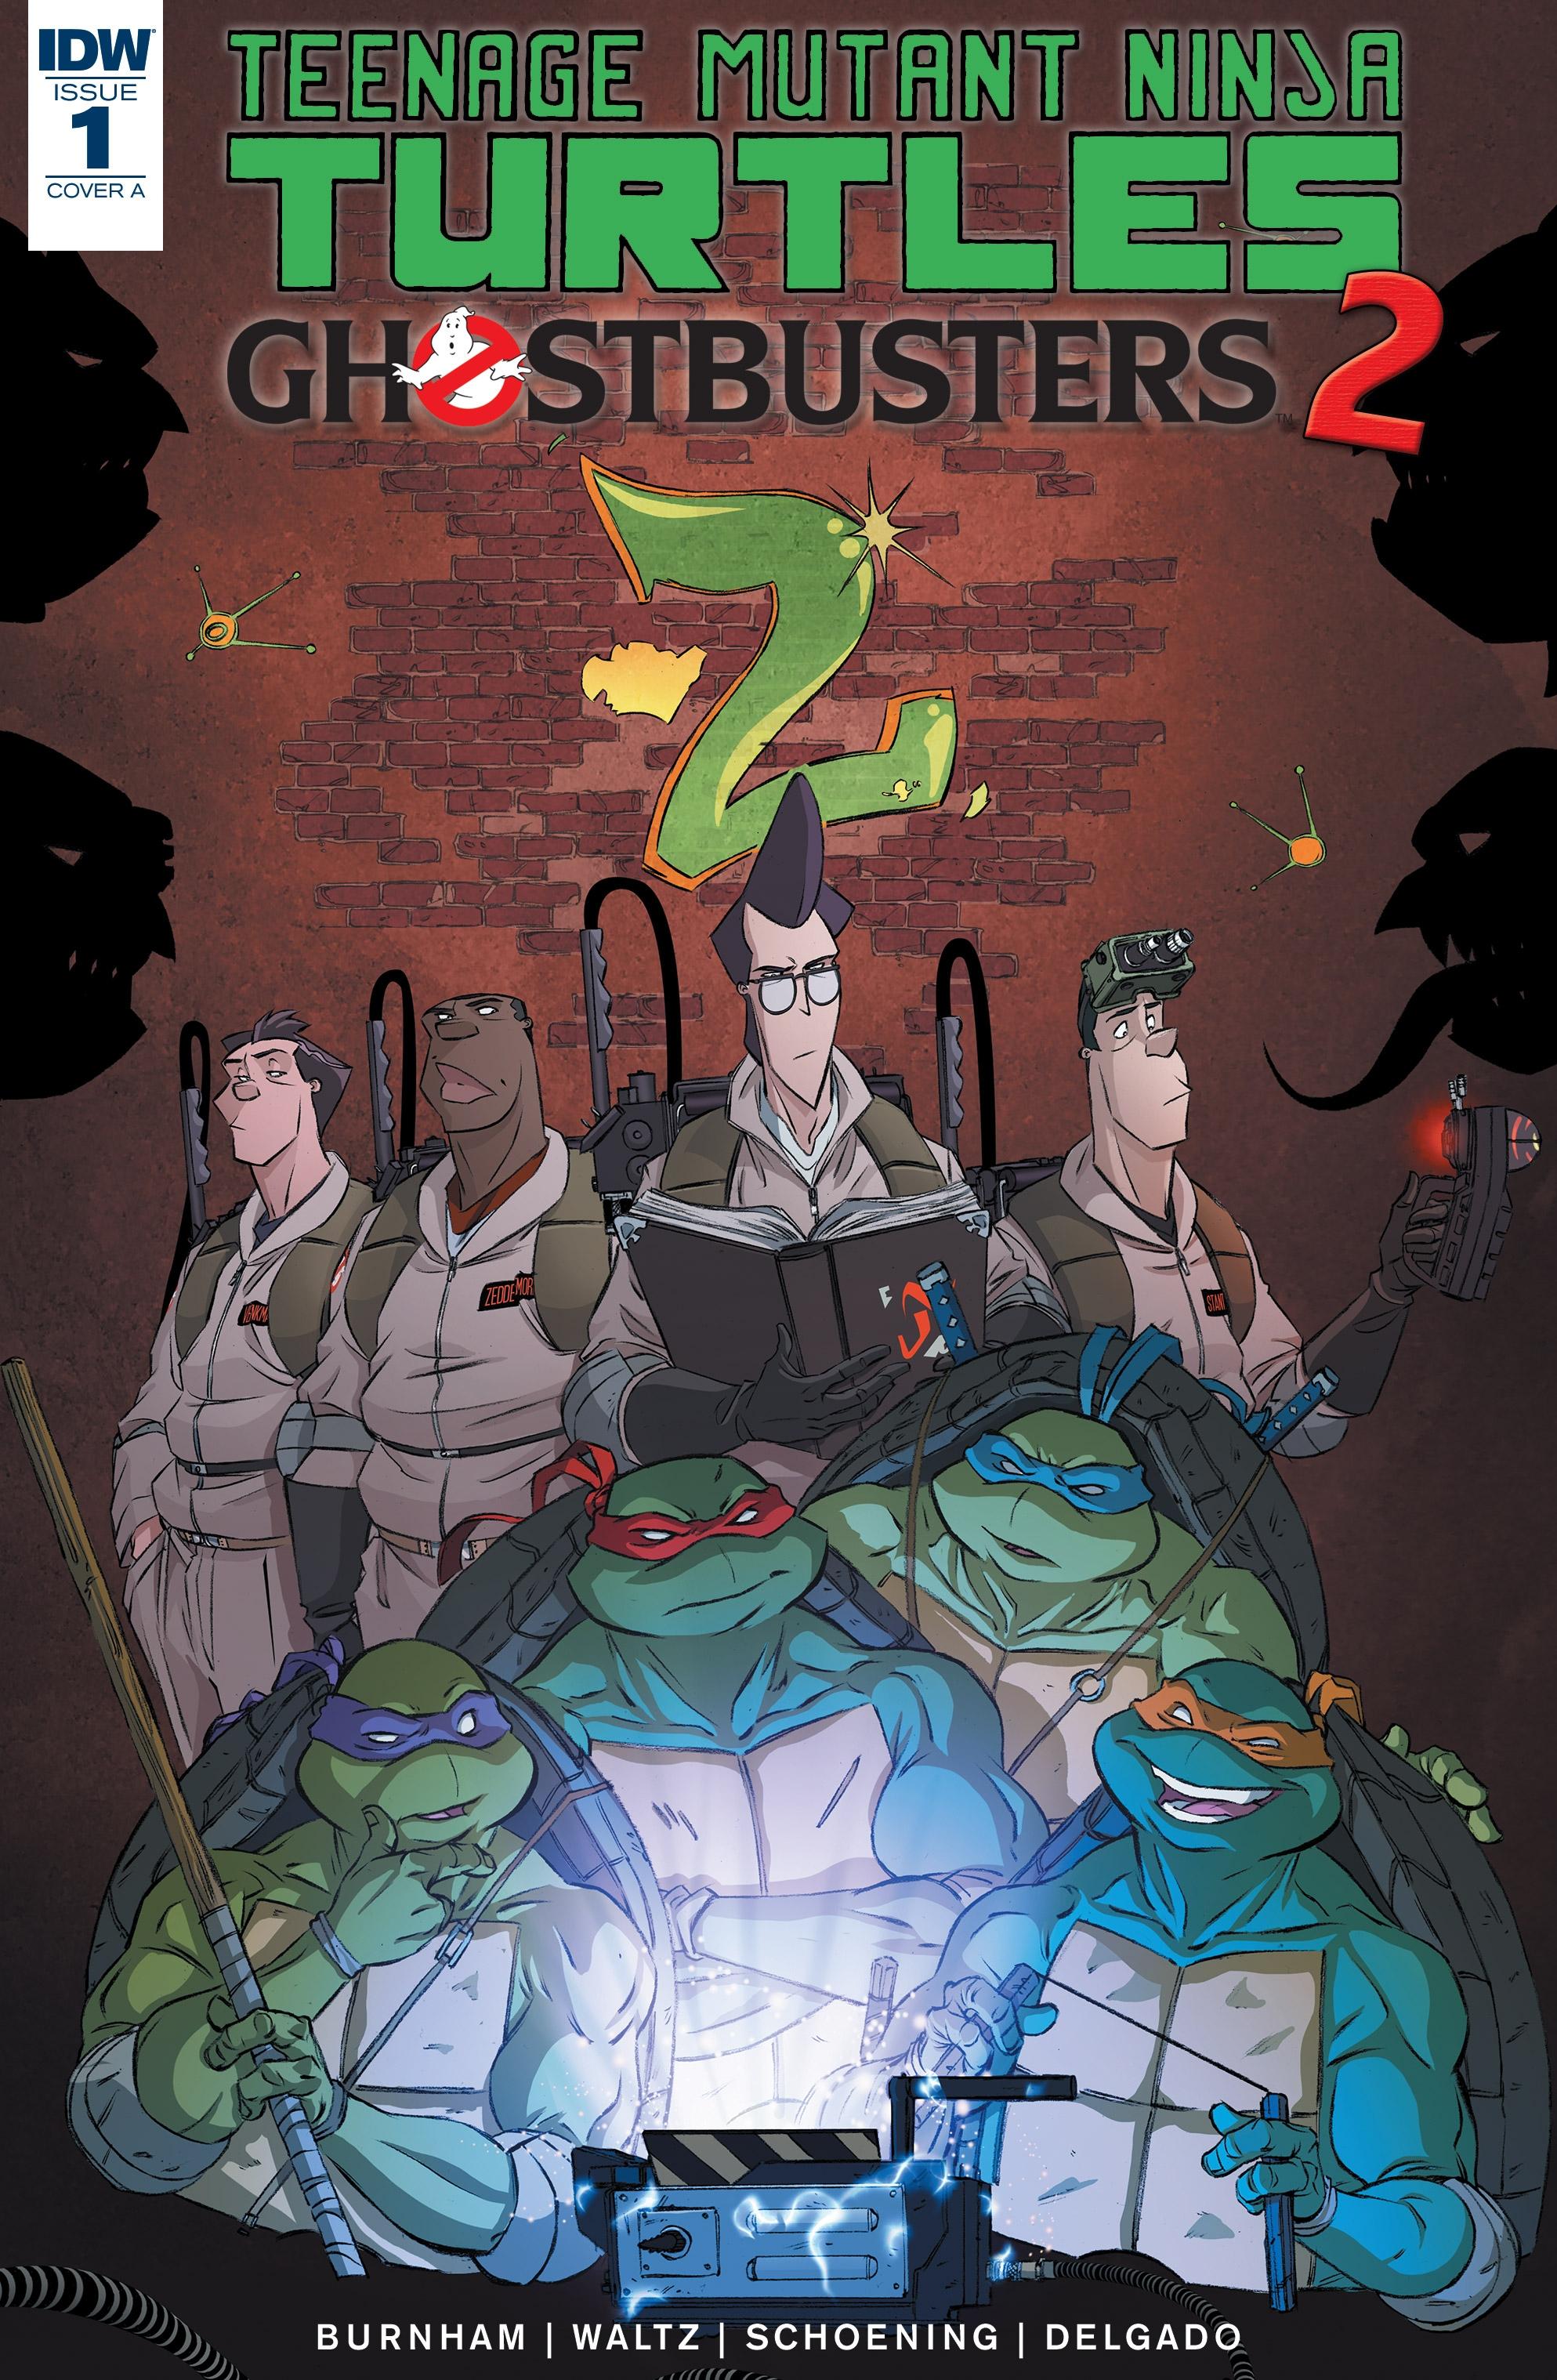 Teenage Mutant Ninja Turtlesghostbusters 2 Tmntpedia Fandom